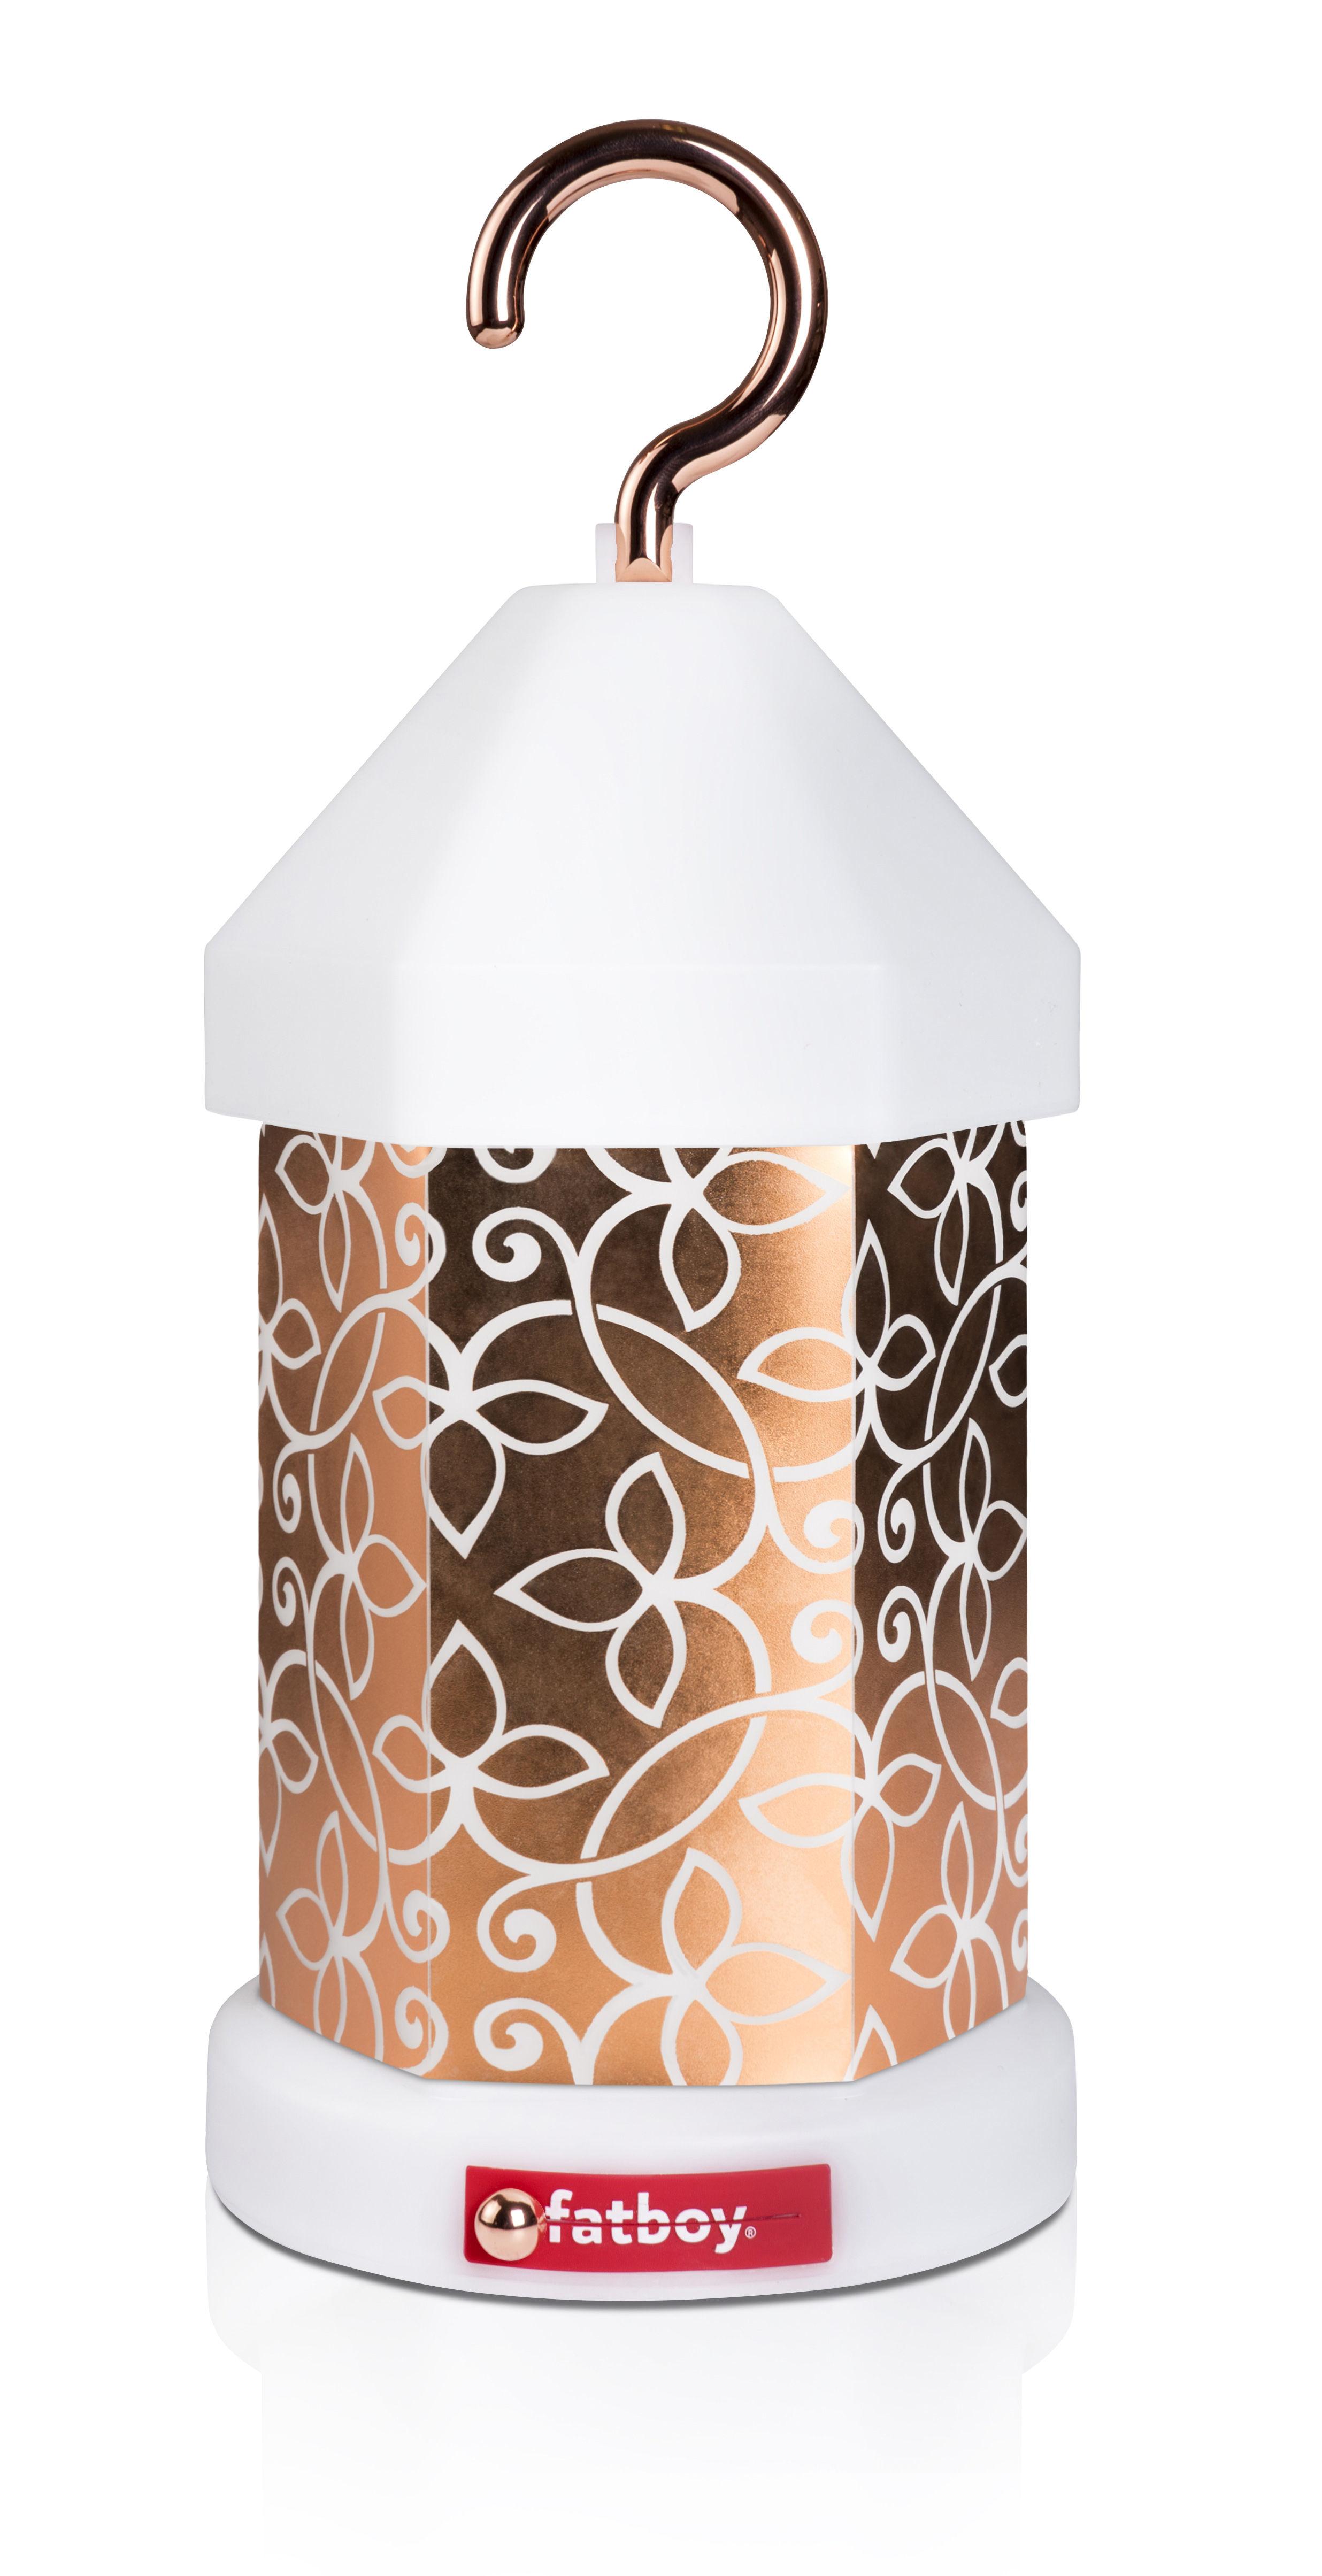 lampe sans fil lampie on deluxe recharge usb 3 manchons d coratifs inclus blanc crochet. Black Bedroom Furniture Sets. Home Design Ideas